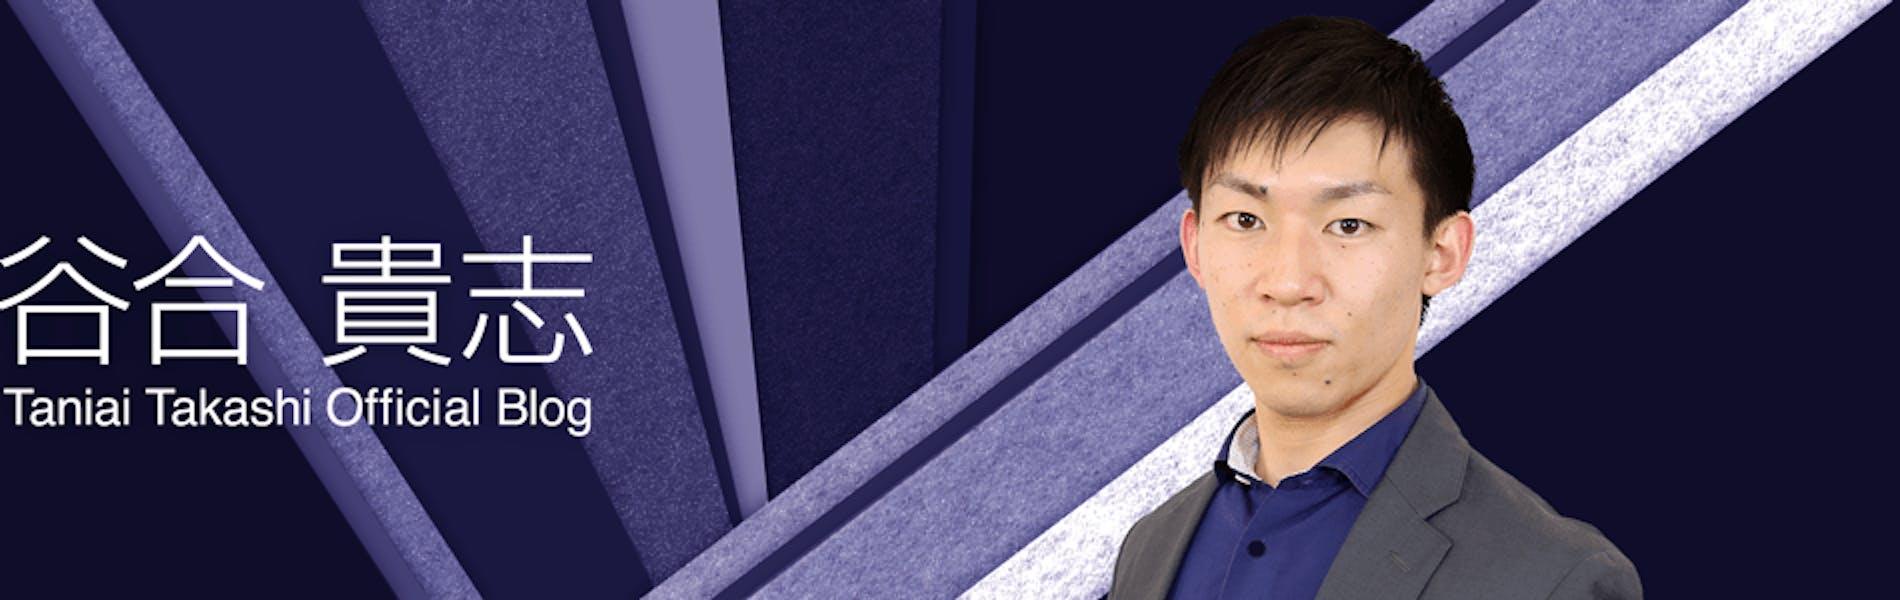 谷合貴志 オフィシャルブログ